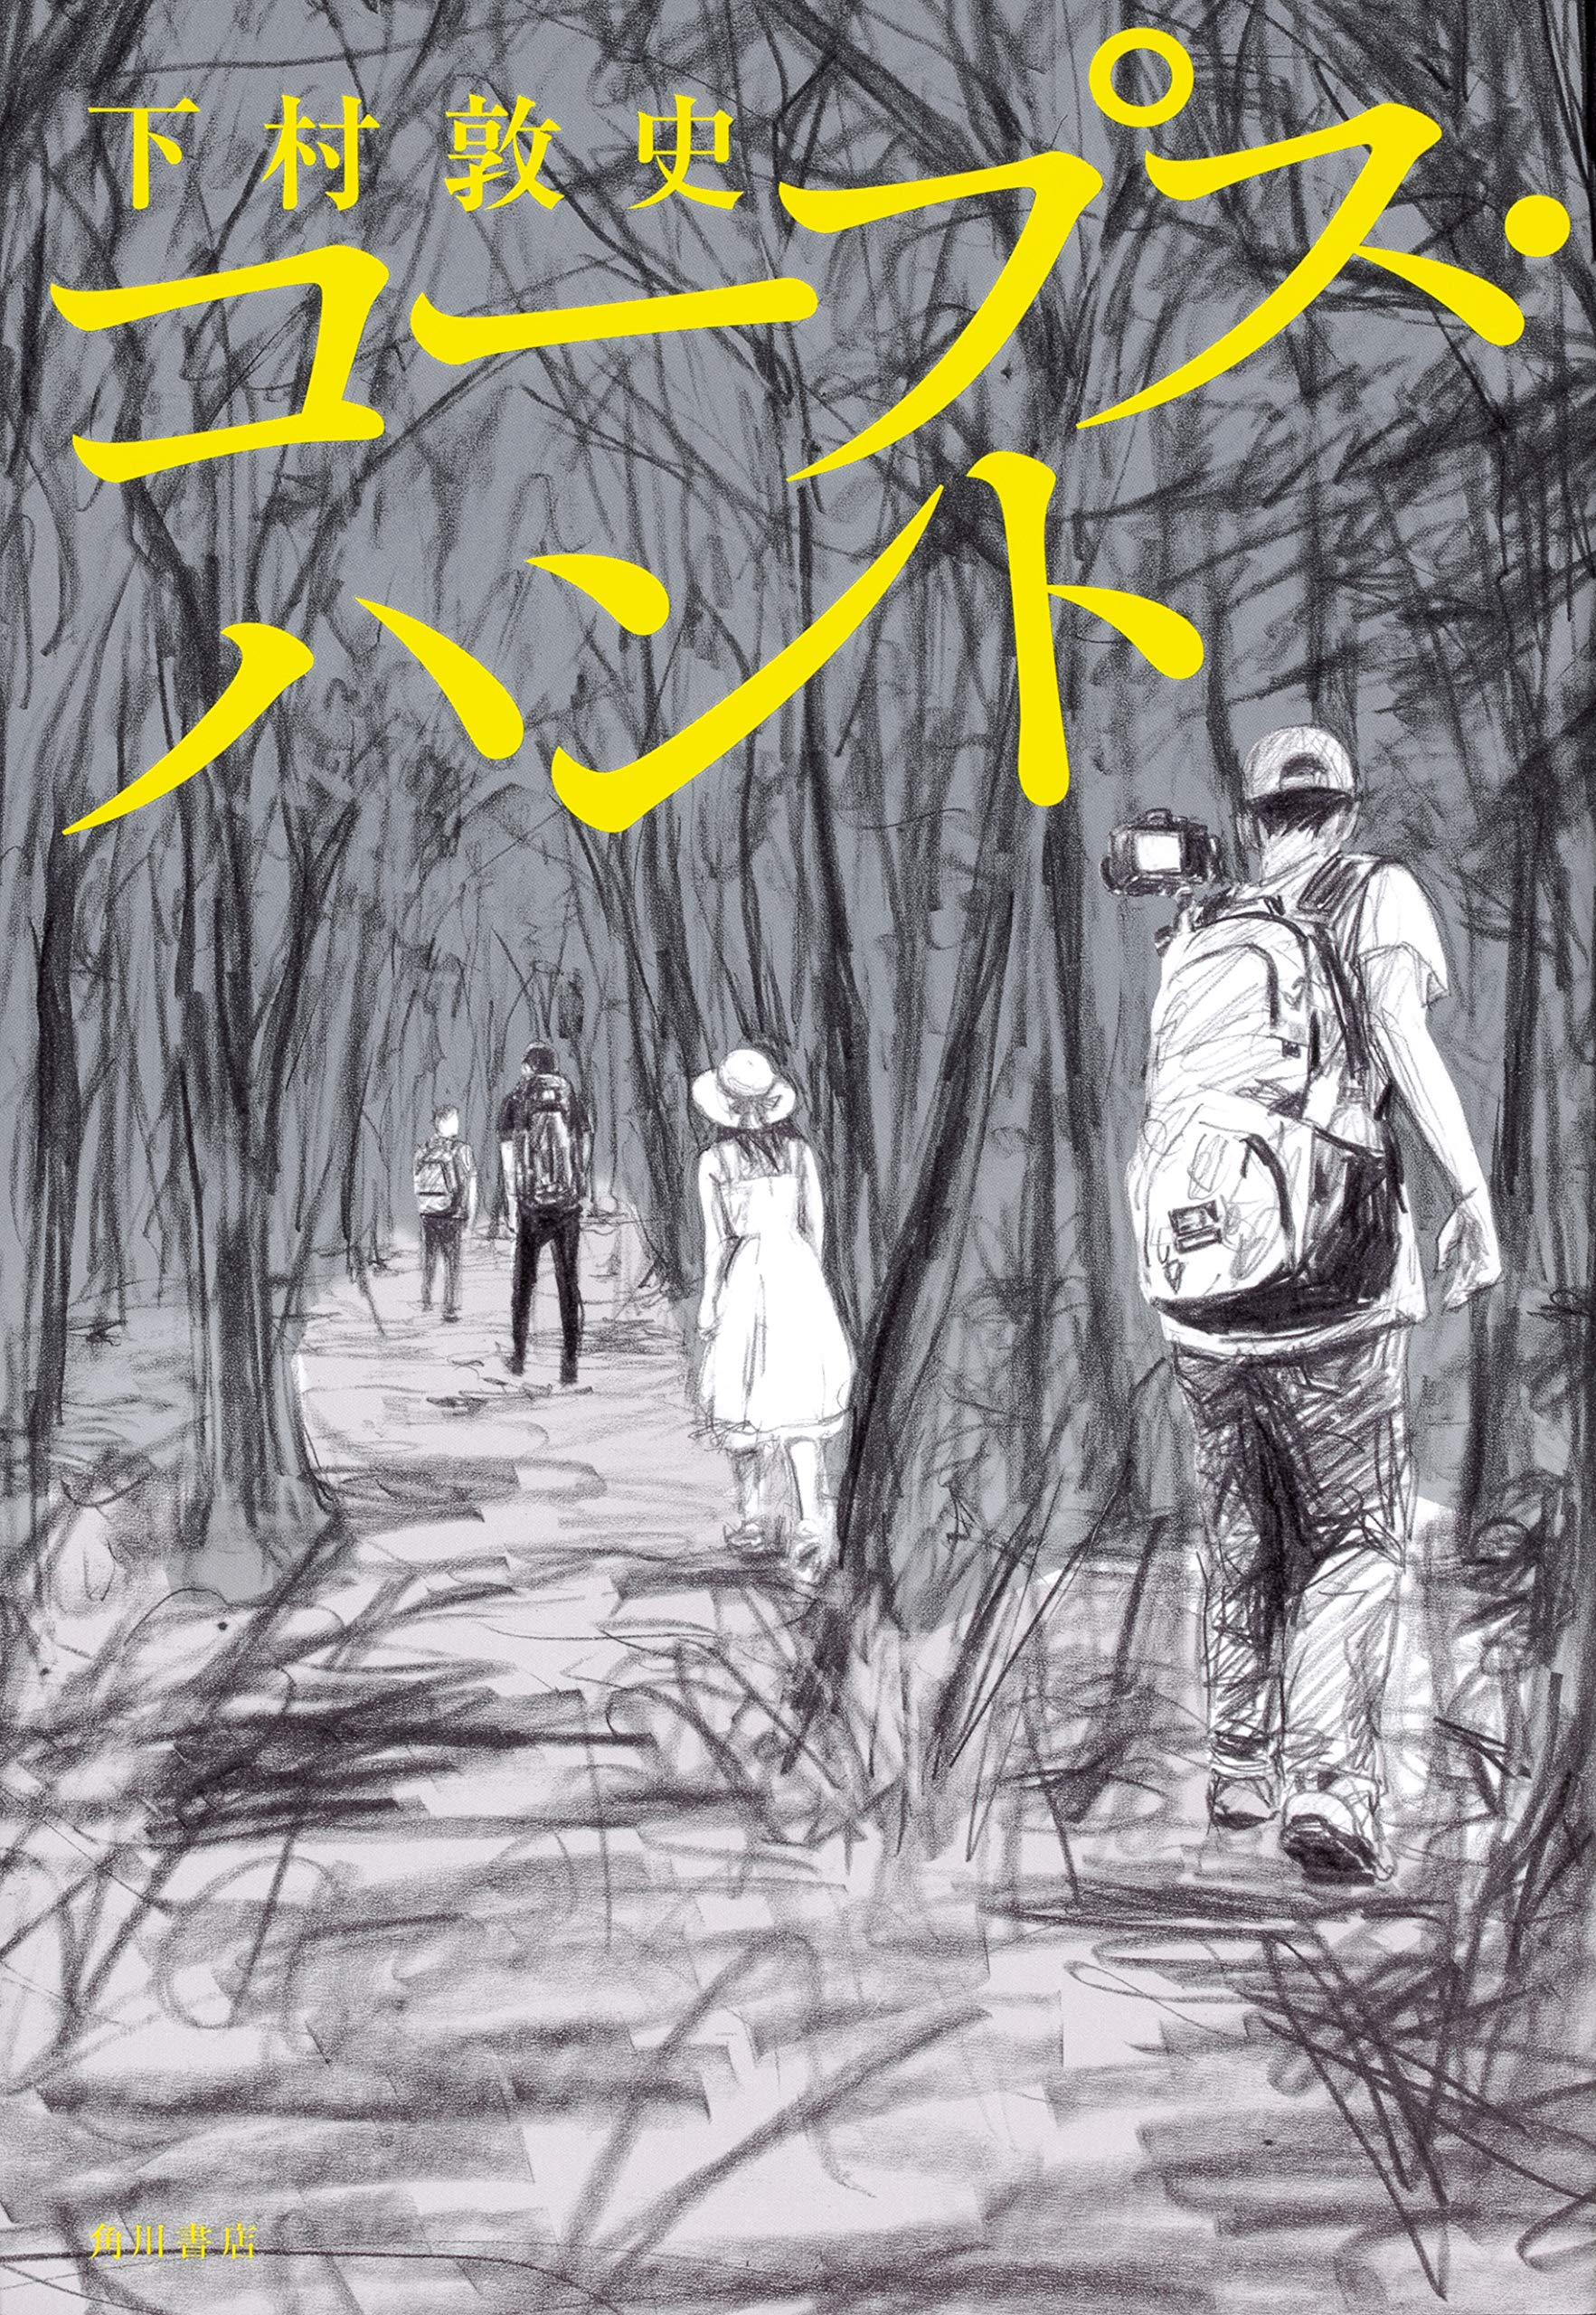 【書評】アクションと青春と驚愕の真相……3度おいしいミステリー ~『コープス・ハント』